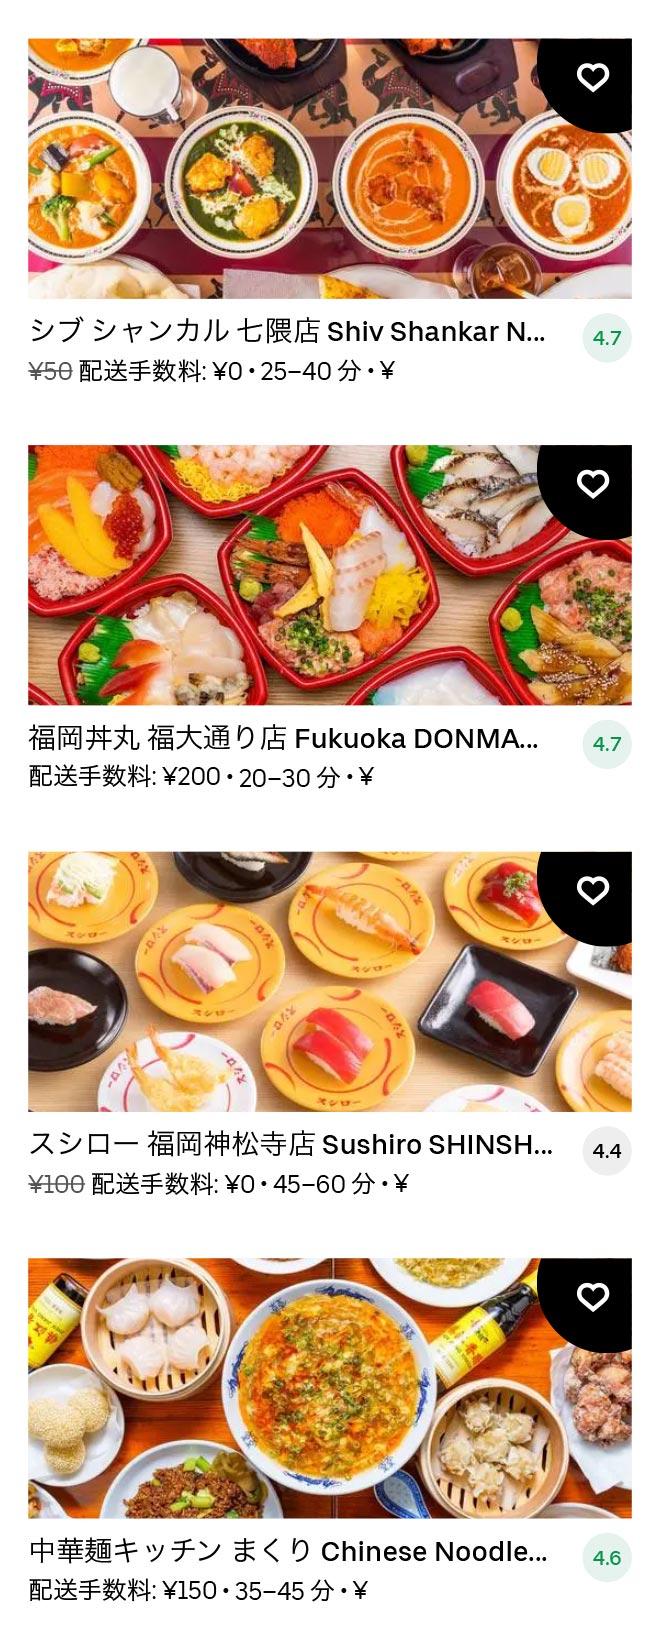 Nanakuma menu 2101 05